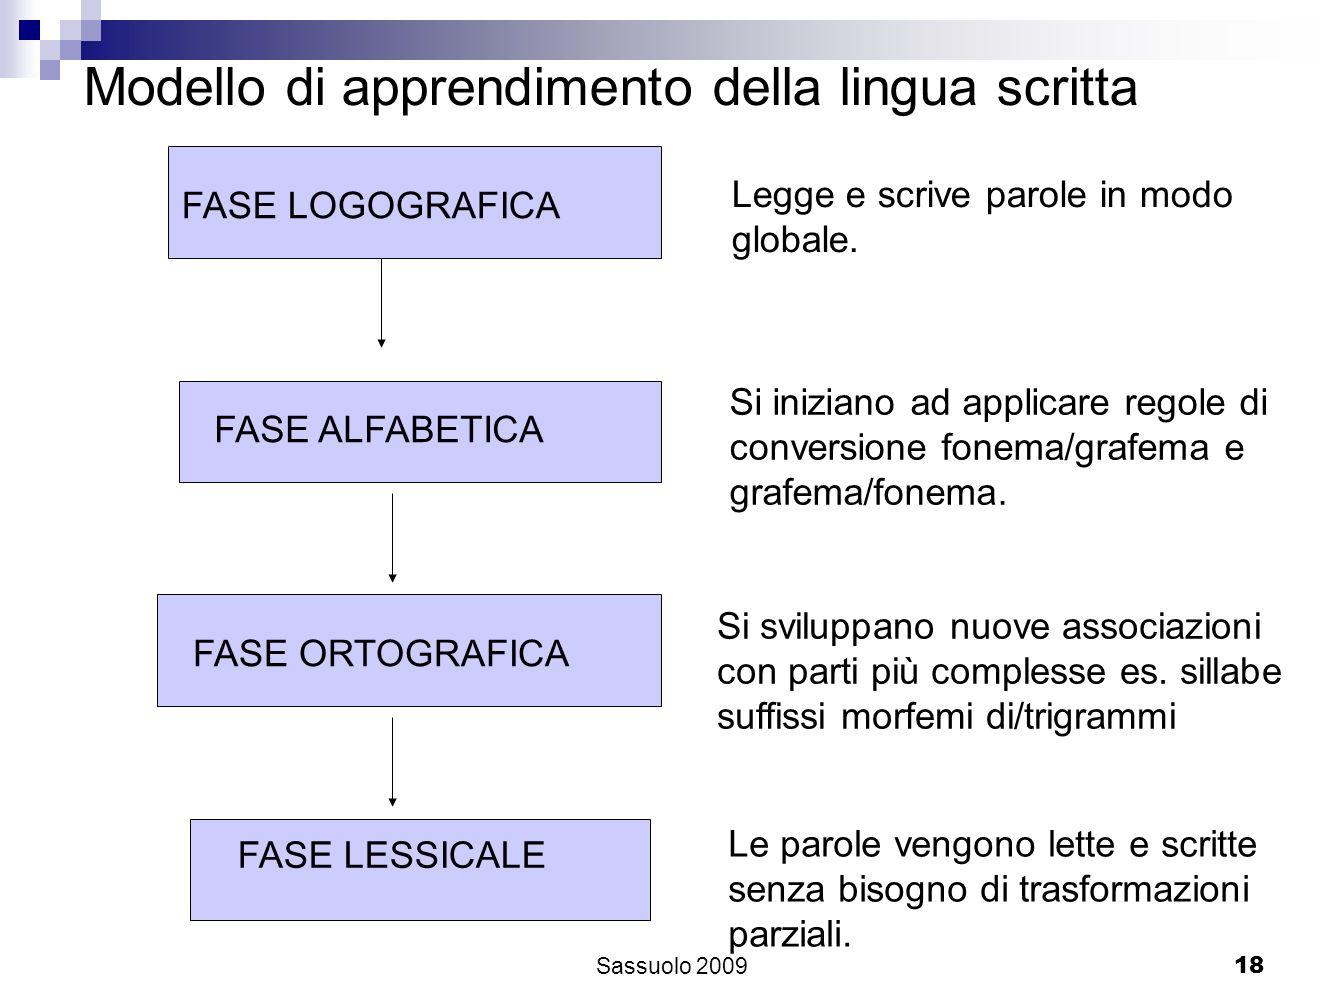 18 FASE LOGOGRAFICA FASE ALFABETICA FASE ORTOGRAFICA FASE LESSICALE Modello di apprendimento della lingua scritta Legge e scrive parole in modo global